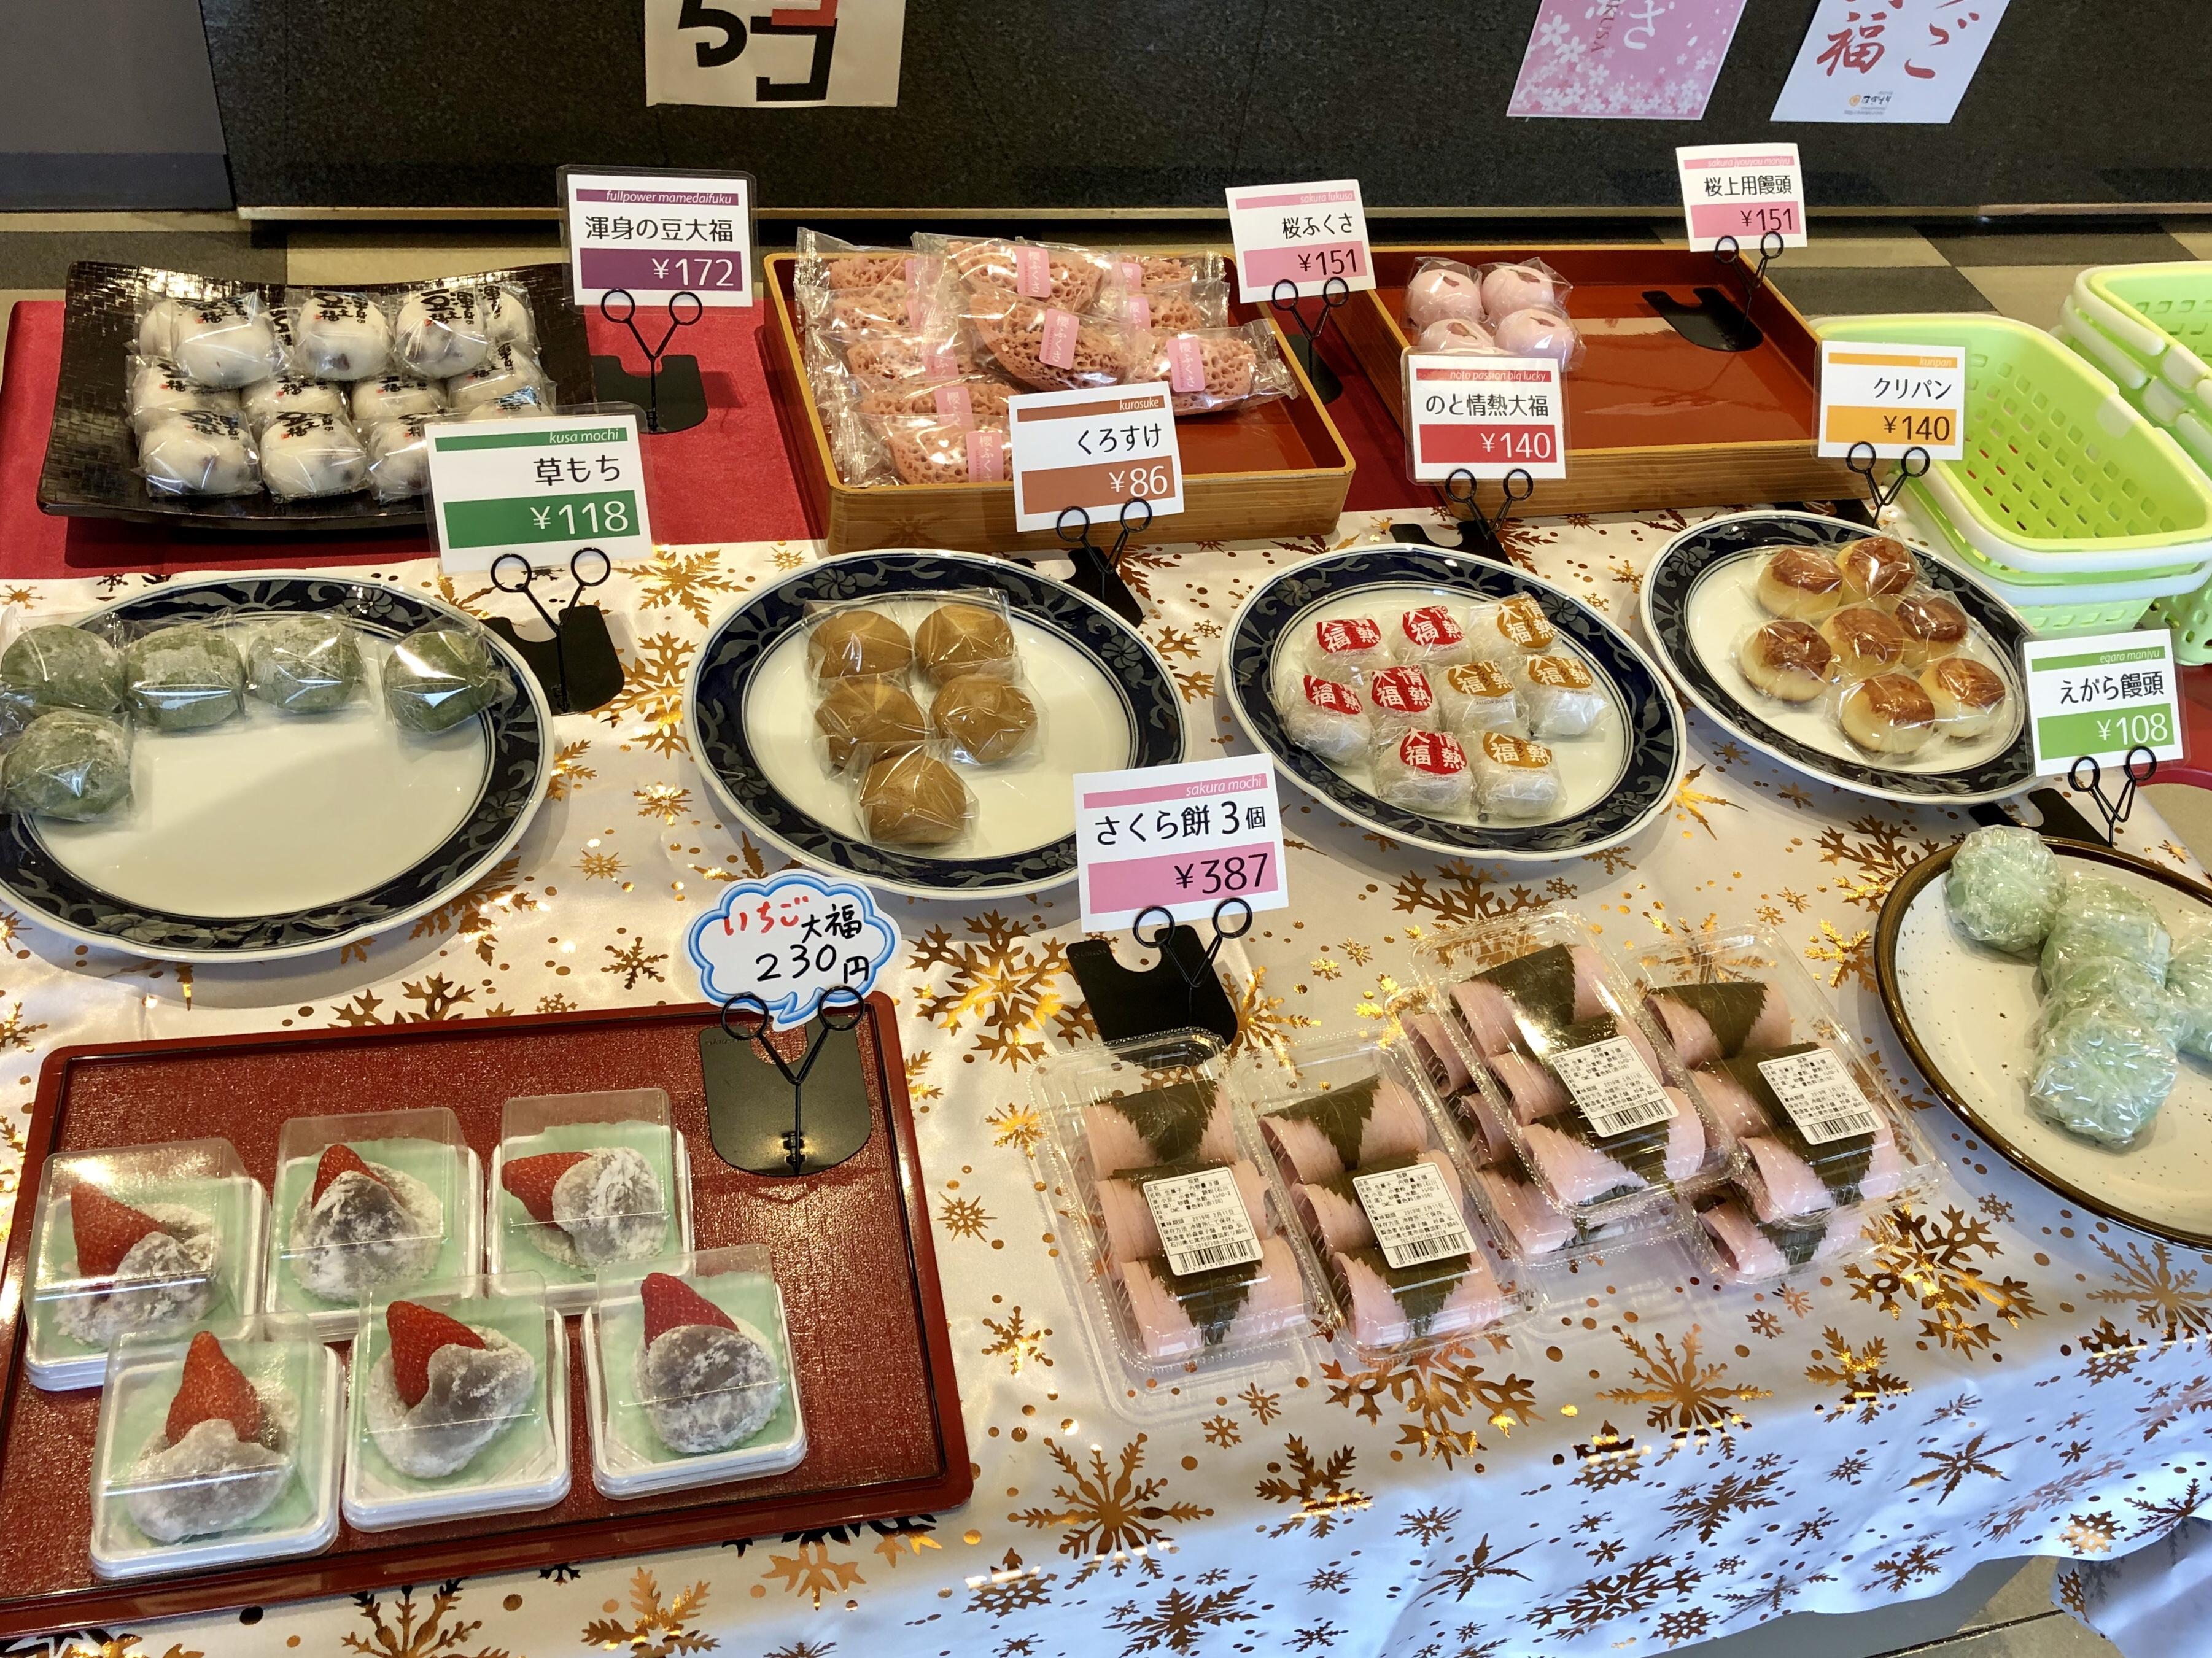 七尾市の田鶴浜の杉森の朝生菓子